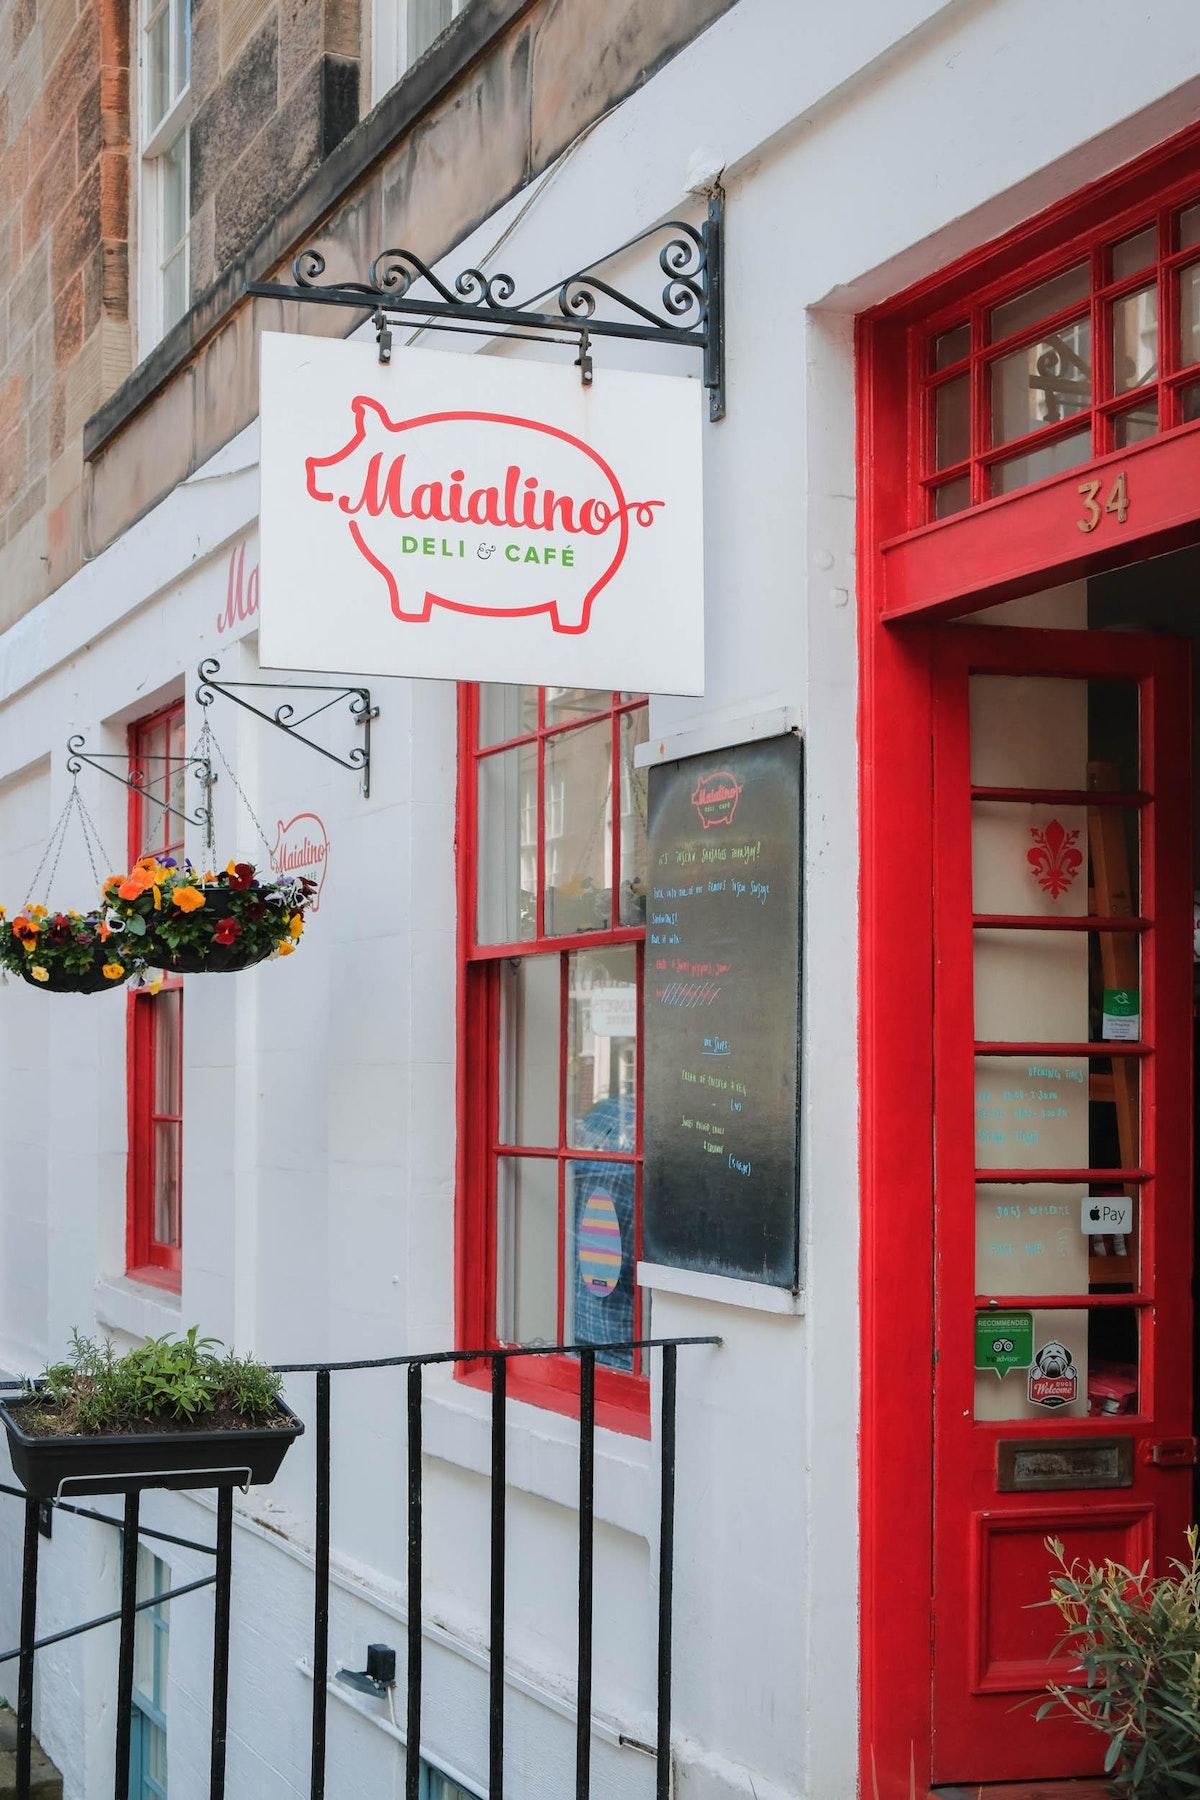 Maialino Deli & Café